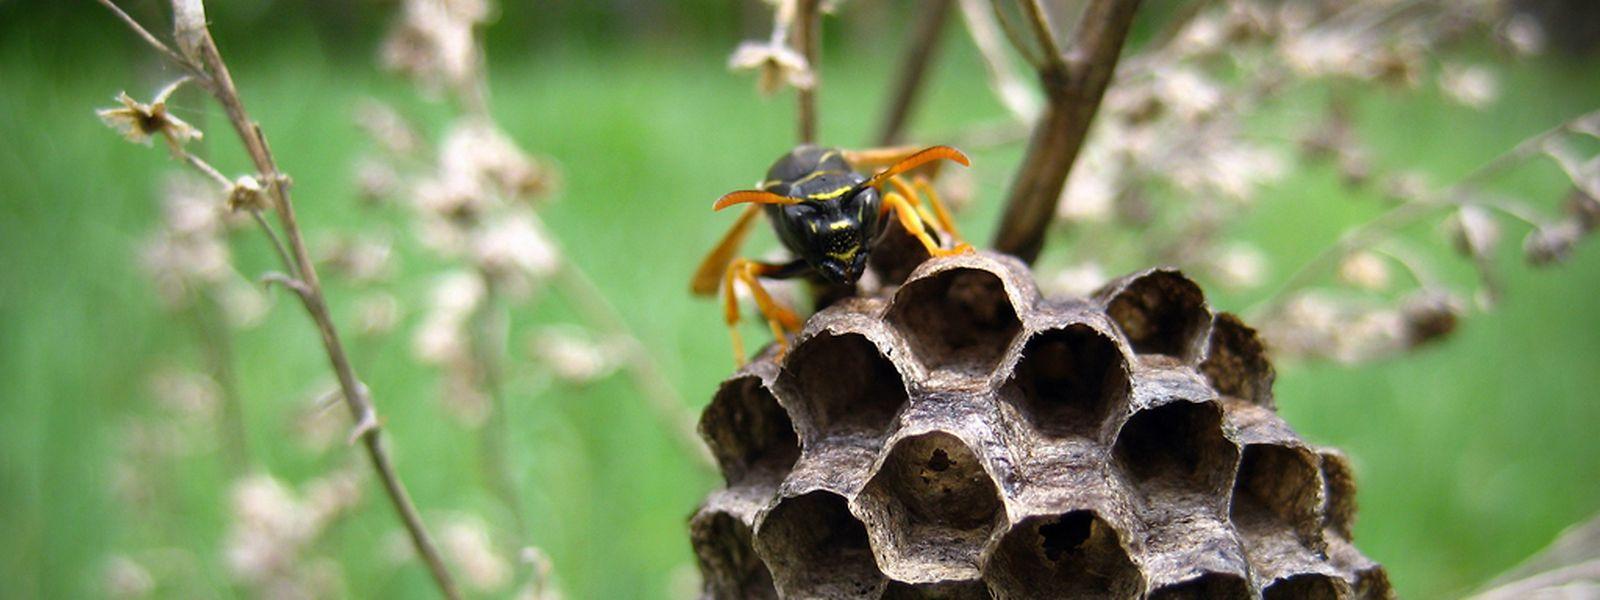 wie entferne ich ein wespennest free wespennest im with wie entferne ich ein wespennest great. Black Bedroom Furniture Sets. Home Design Ideas